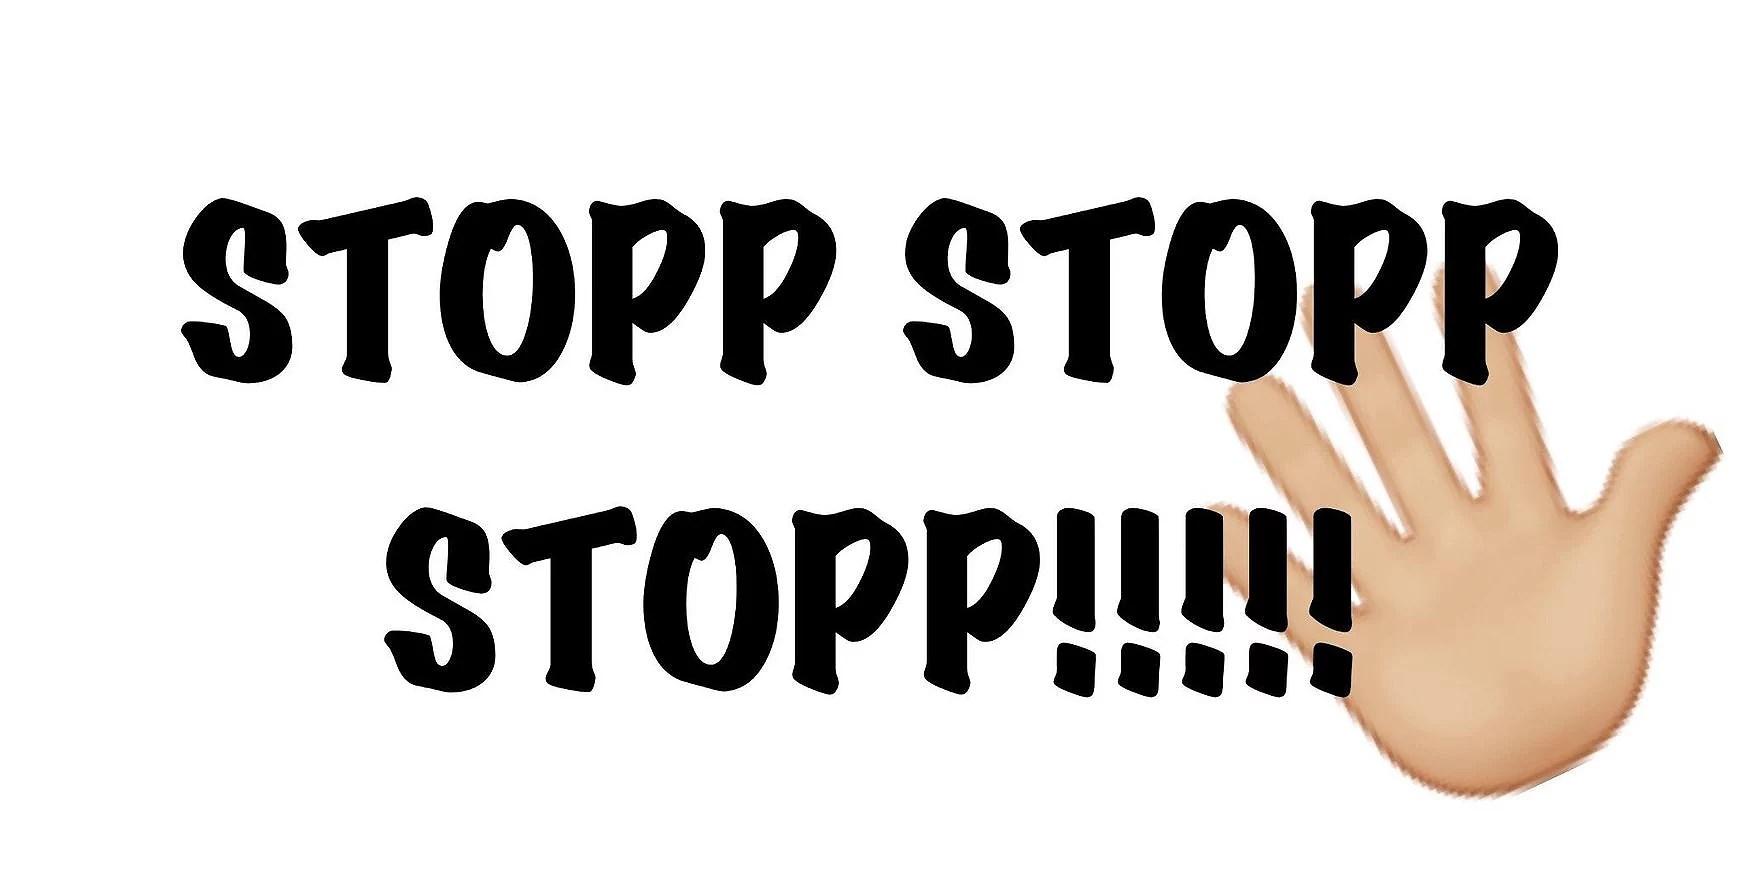 STOPP STOPP STOPP STOPP!!!!!!!!!!!!!!!!!!!!!!!!!!